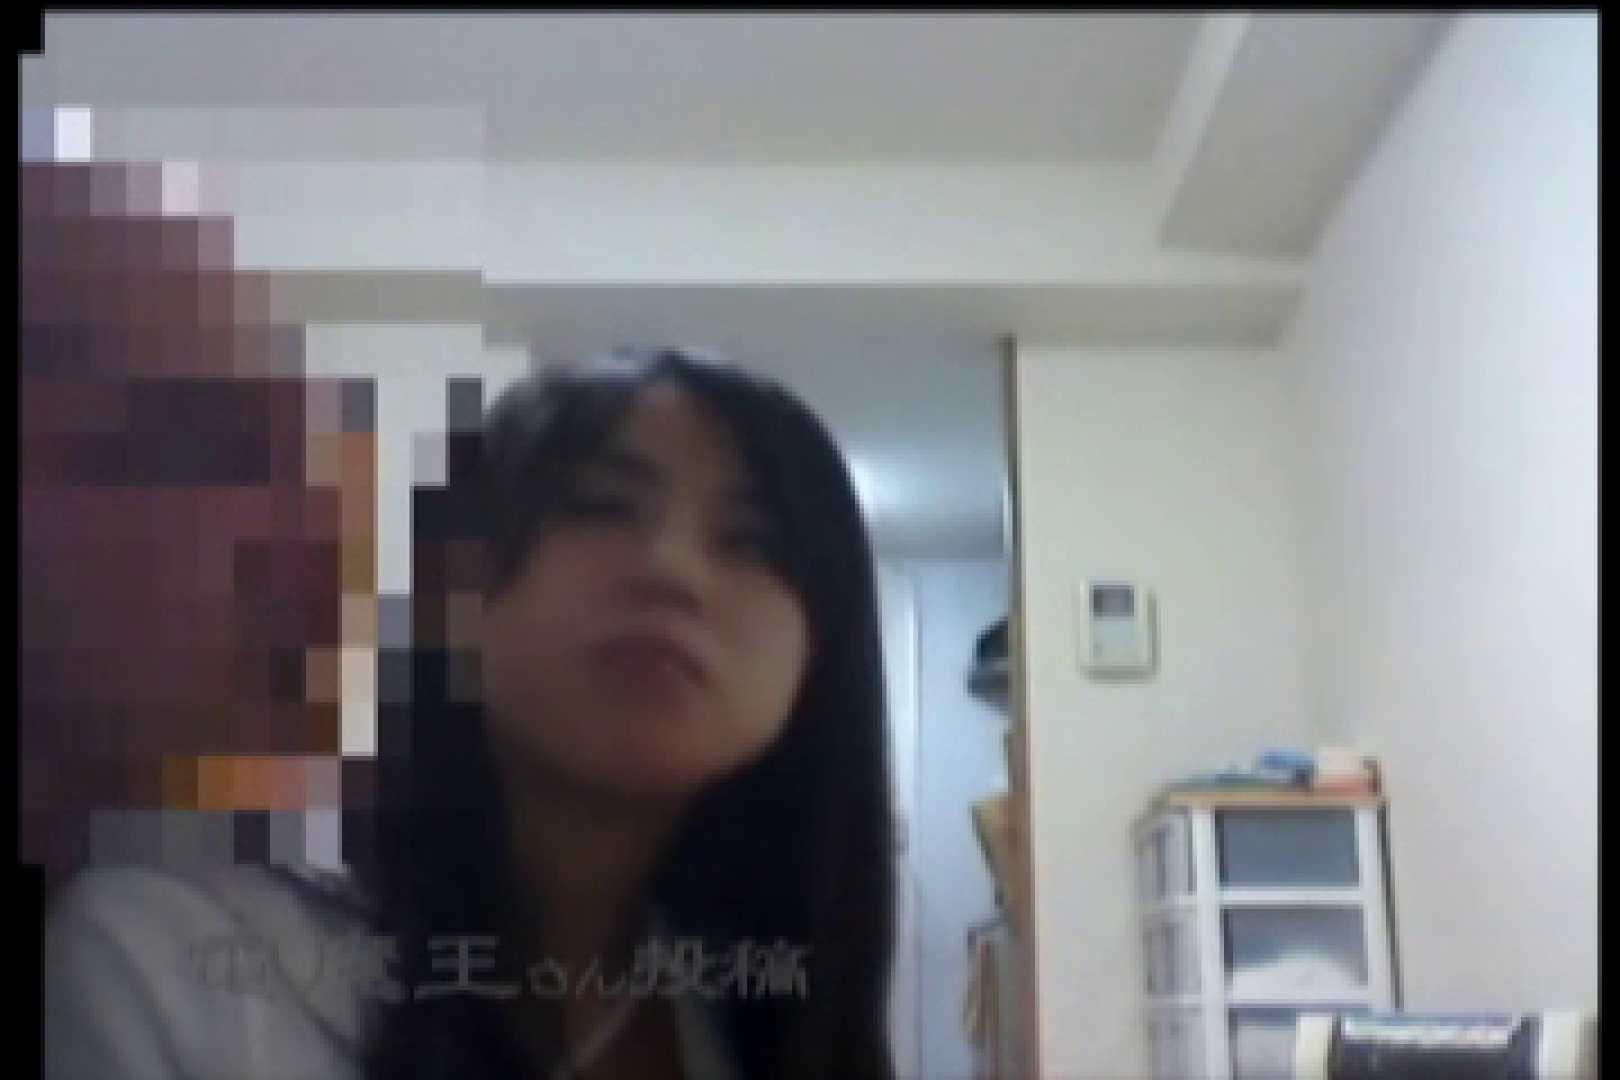 電魔王さんの「隠撮の部屋」ミーナ 隠撮 すけべAV動画紹介 105pic 65